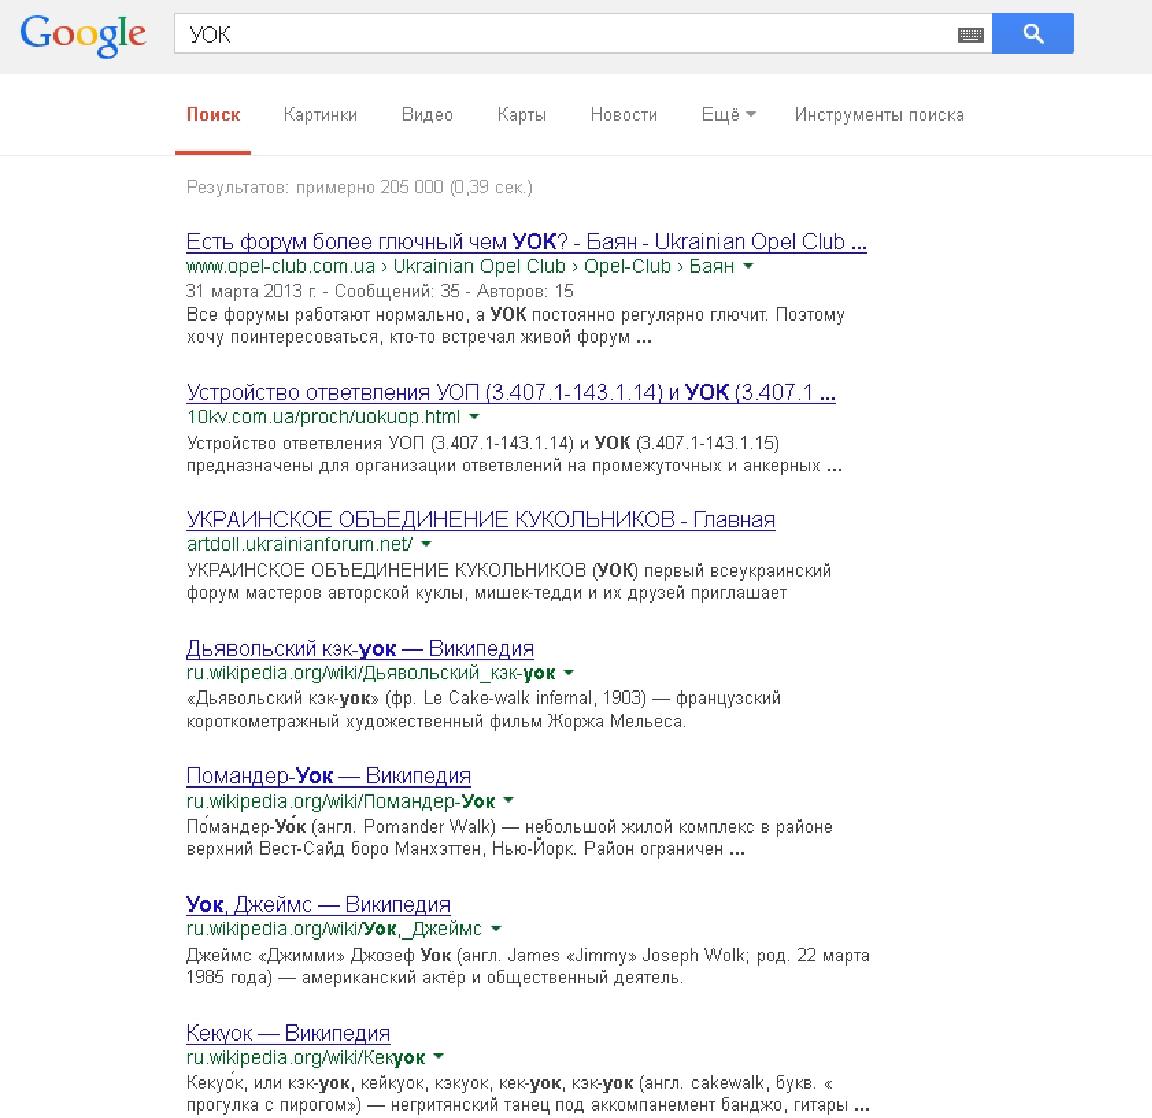 uok-google-001